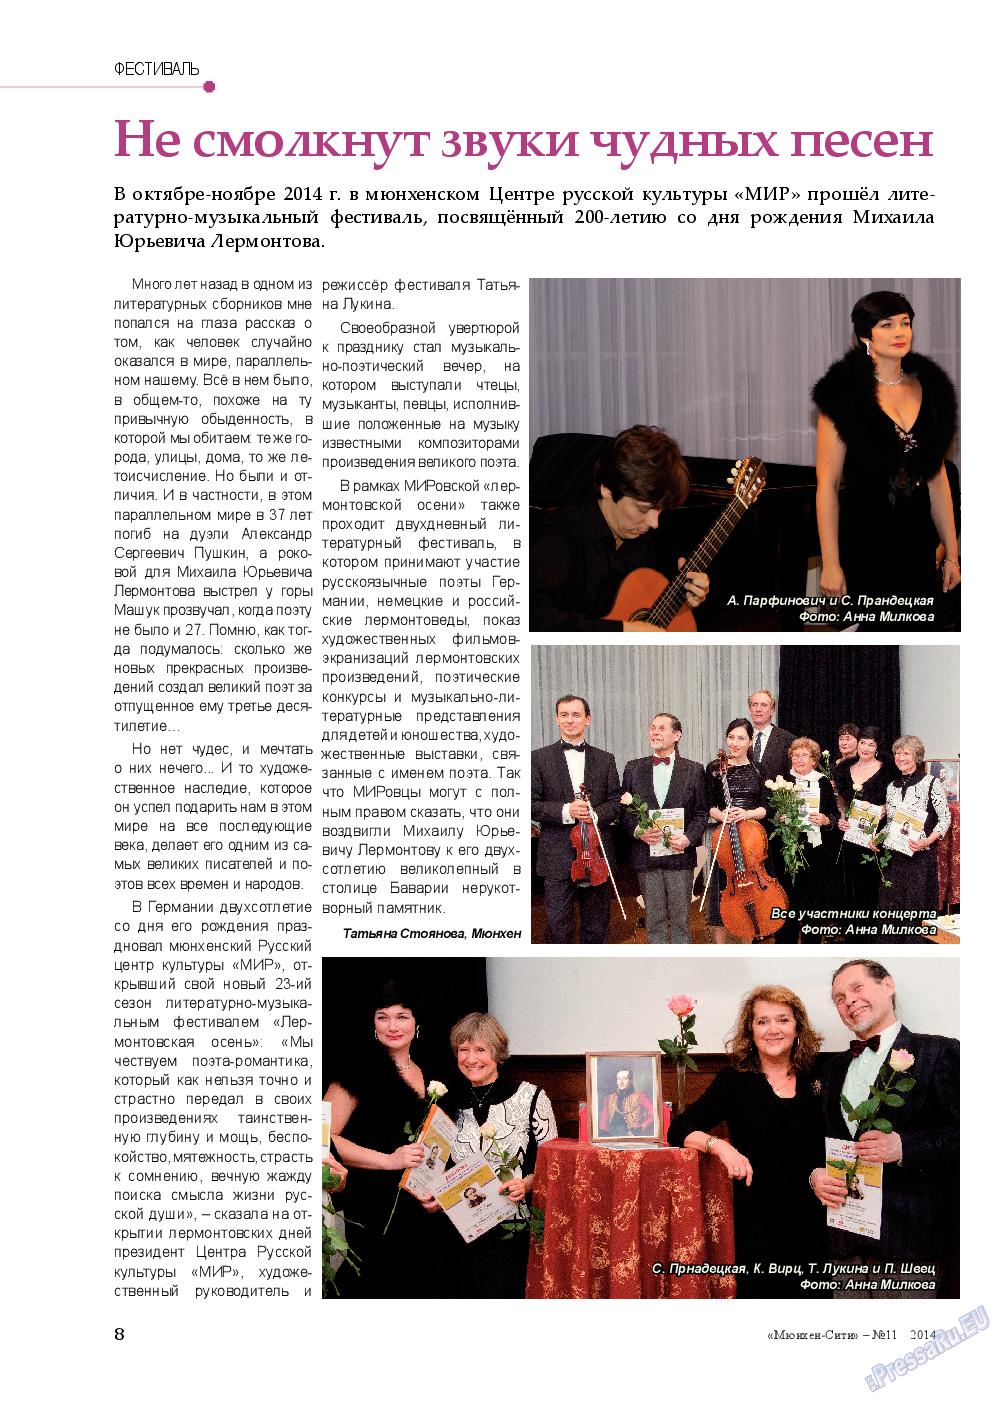 Мюнхен-сити (журнал). 2014 год, номер 11, стр. 8